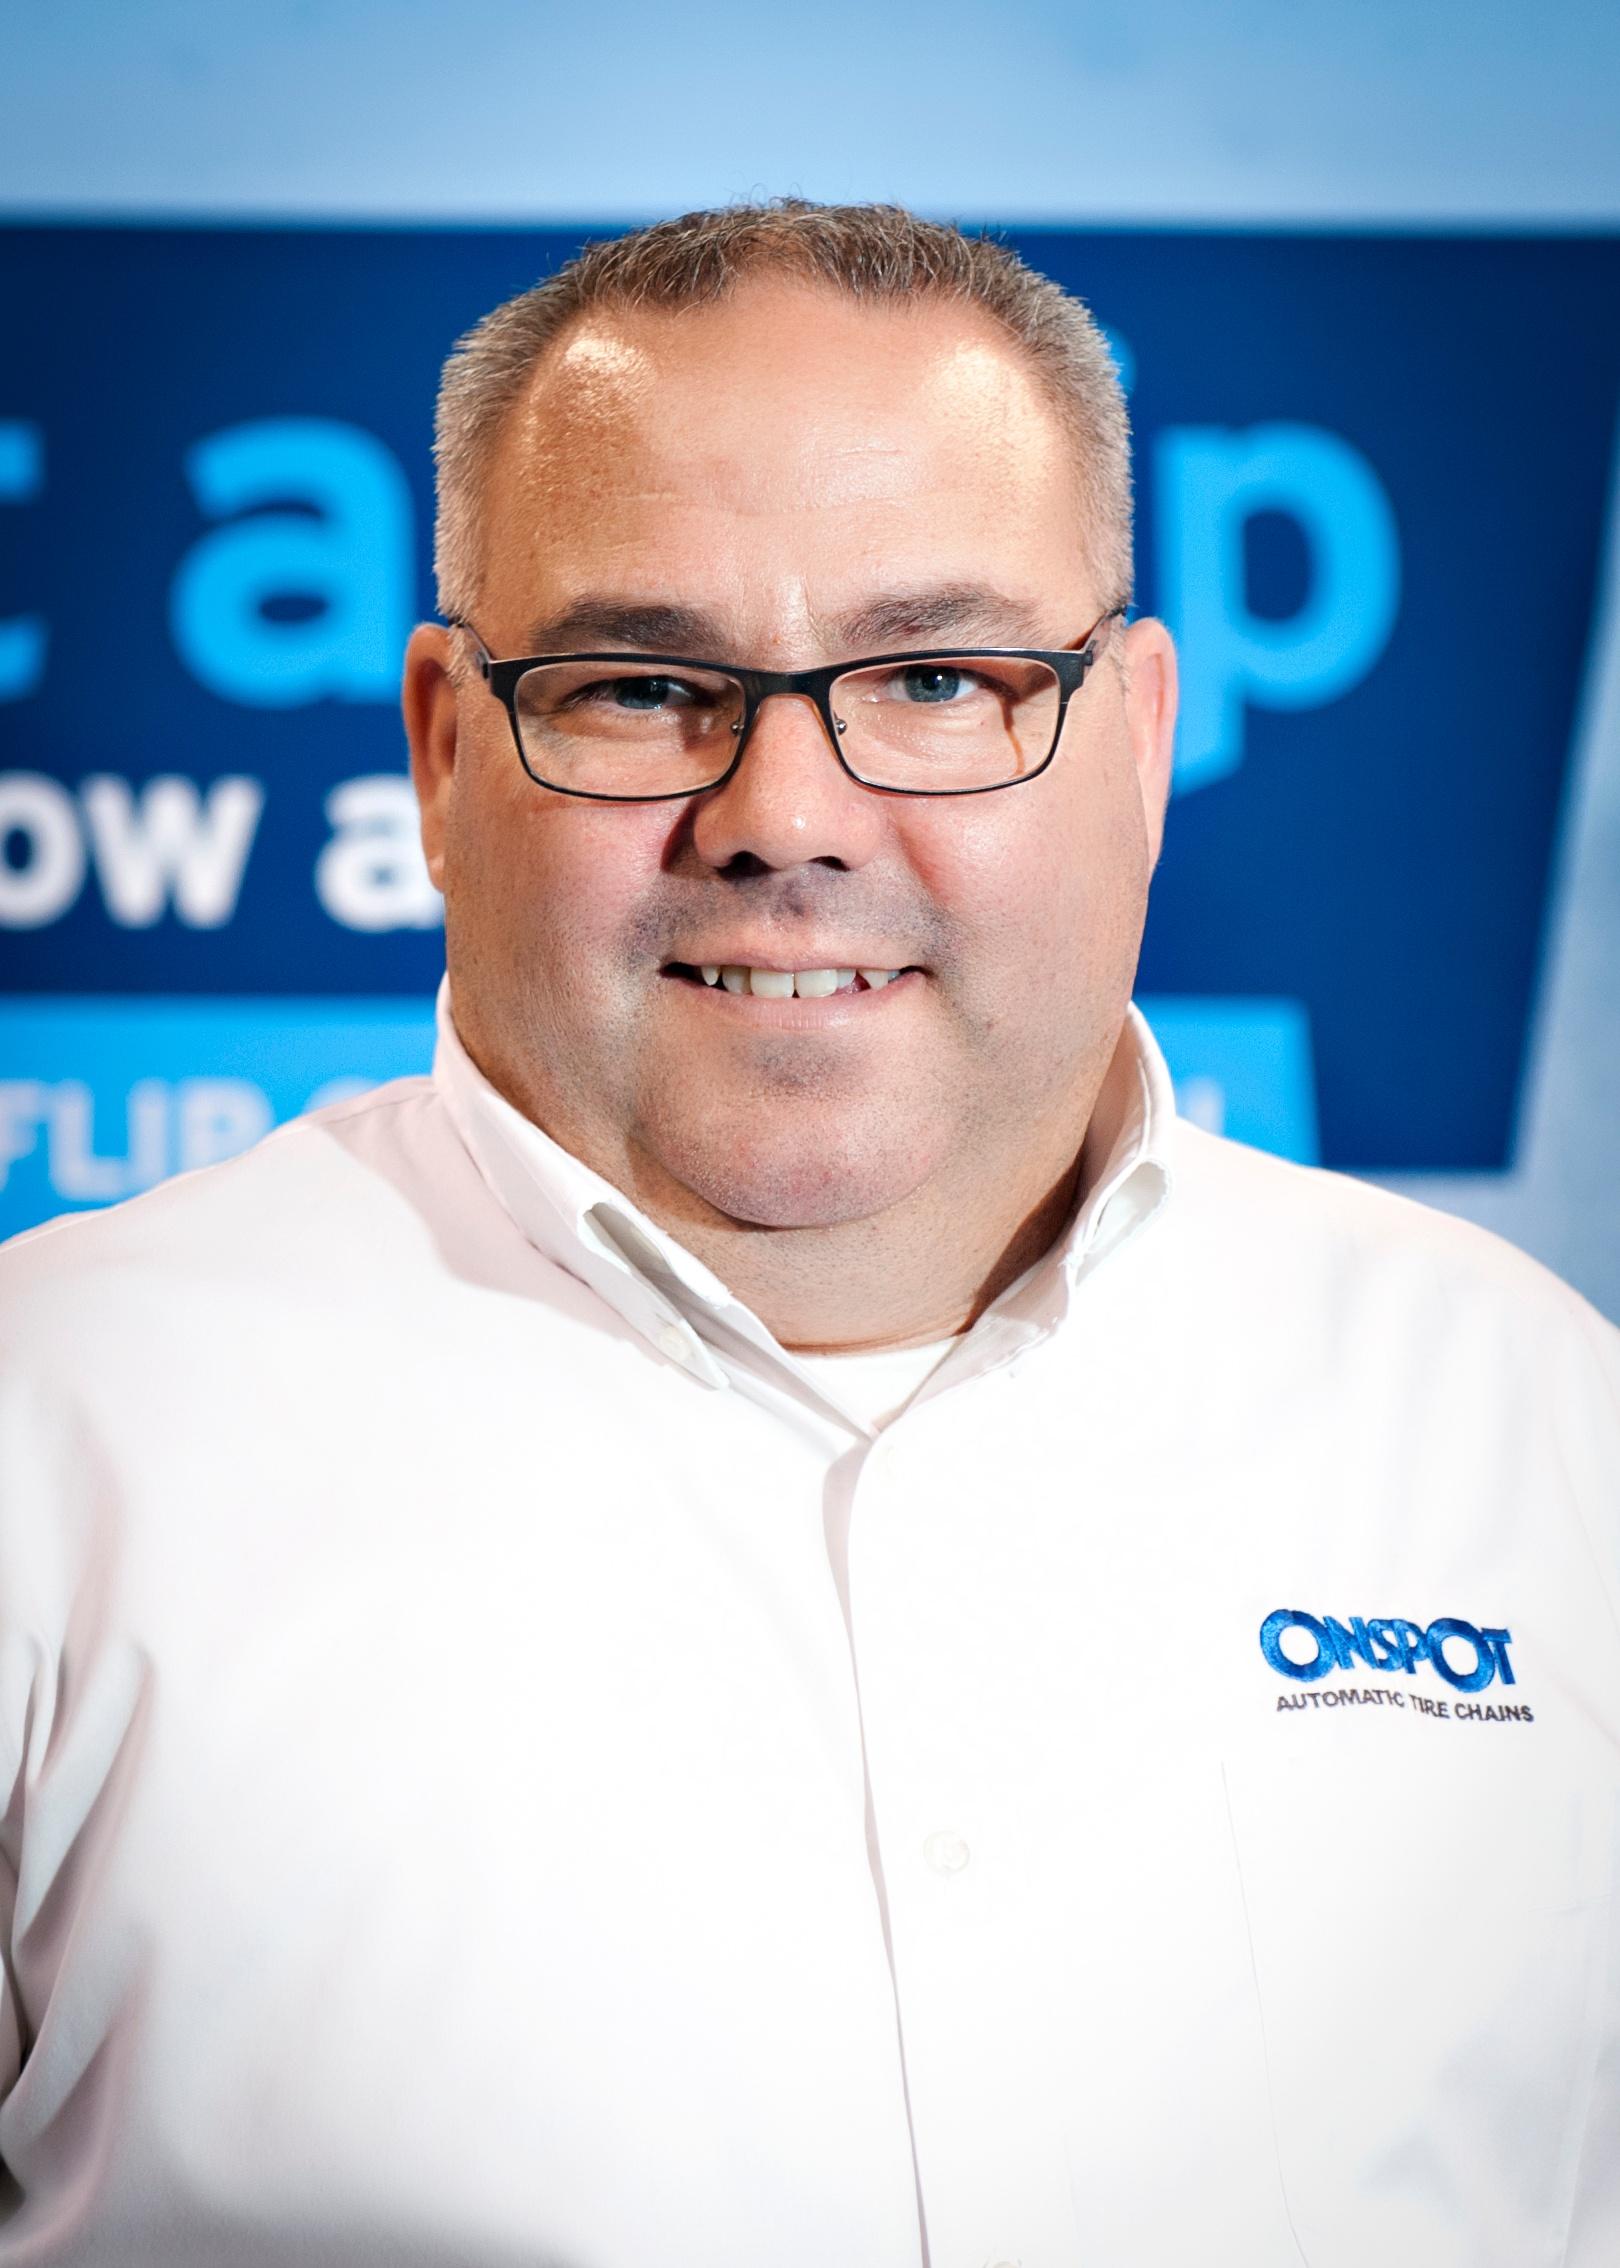 Daniel Corriveau